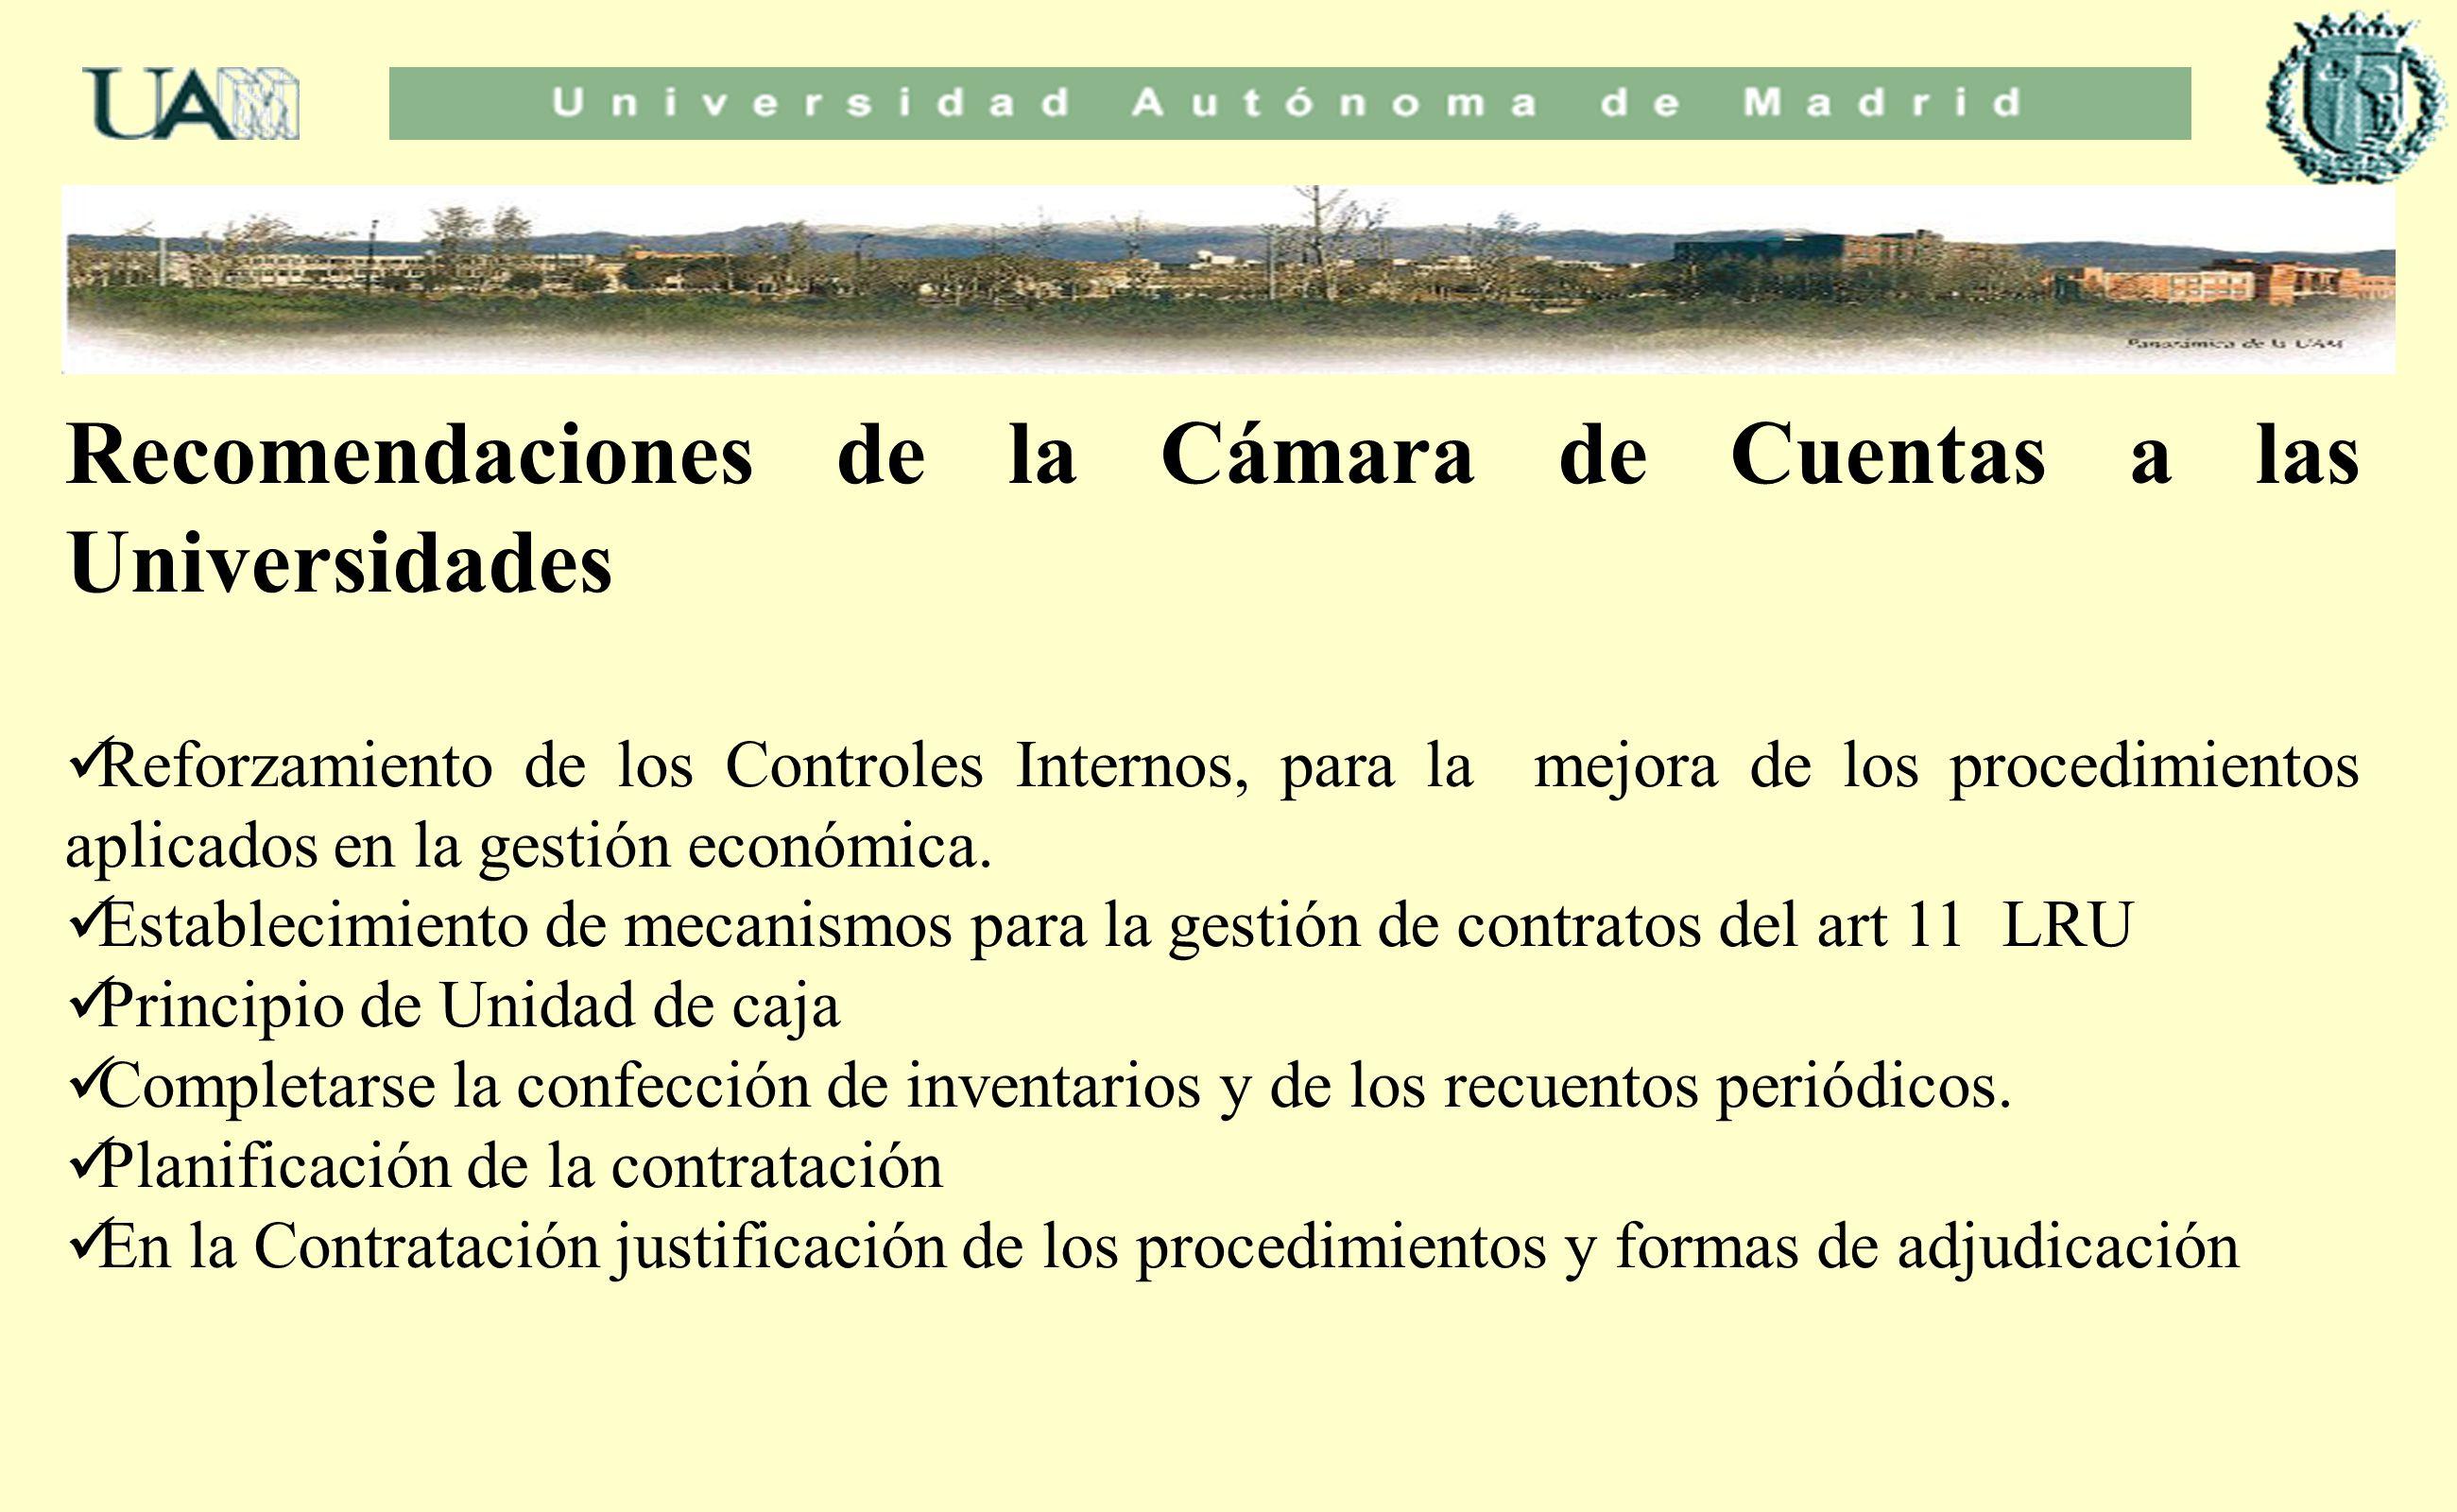 Recomendaciones de la Cámara de Cuentas a las Universidades Reforzamiento de los Controles Internos, para la mejora de los procedimientos aplicados en